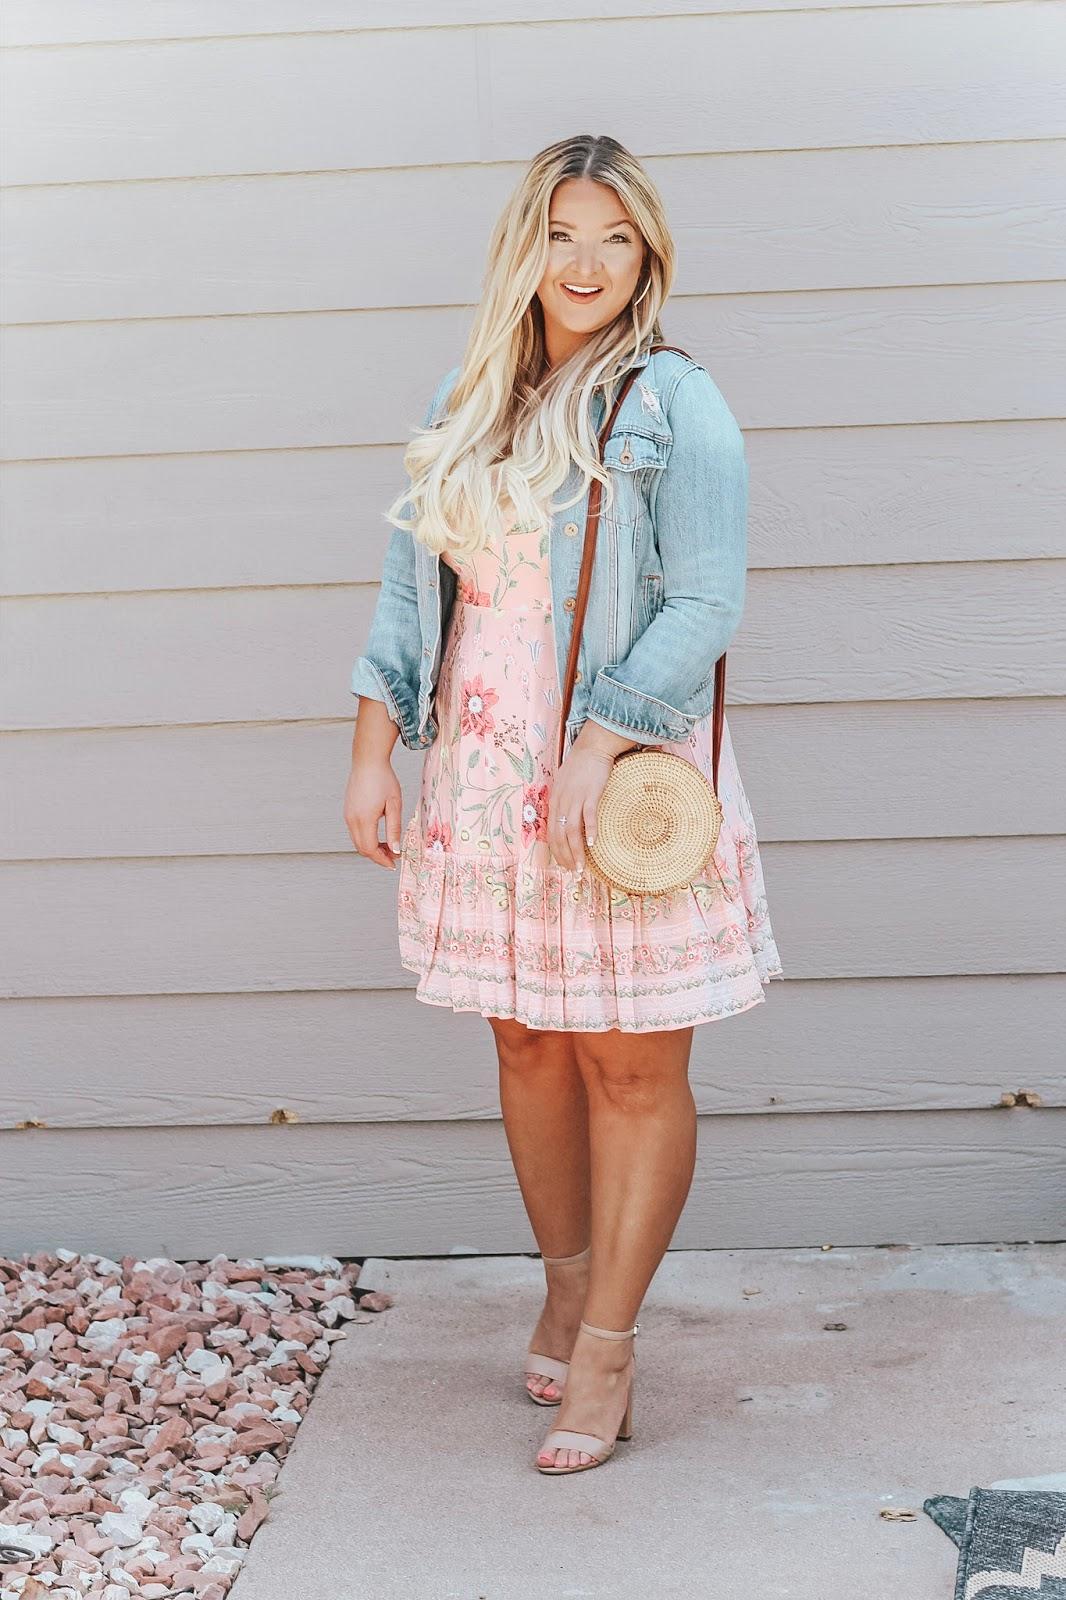 Pink Floral Dress and Denim Jacket styled by popular Denver fashion blogger, Delayna Denaye